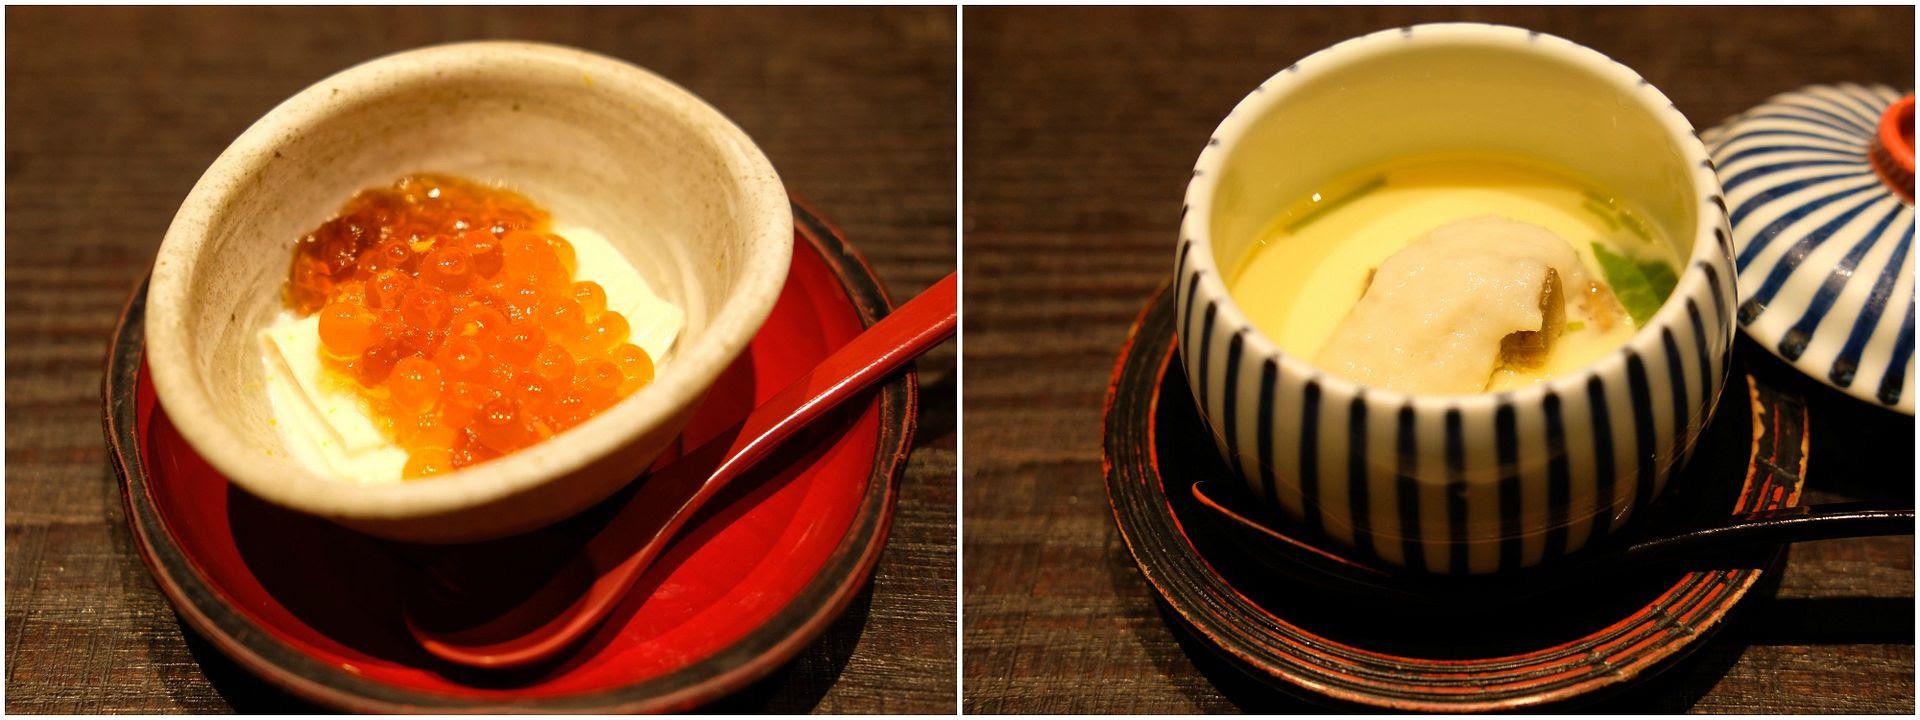 photo Hashida sushi singapore omakase.jpg